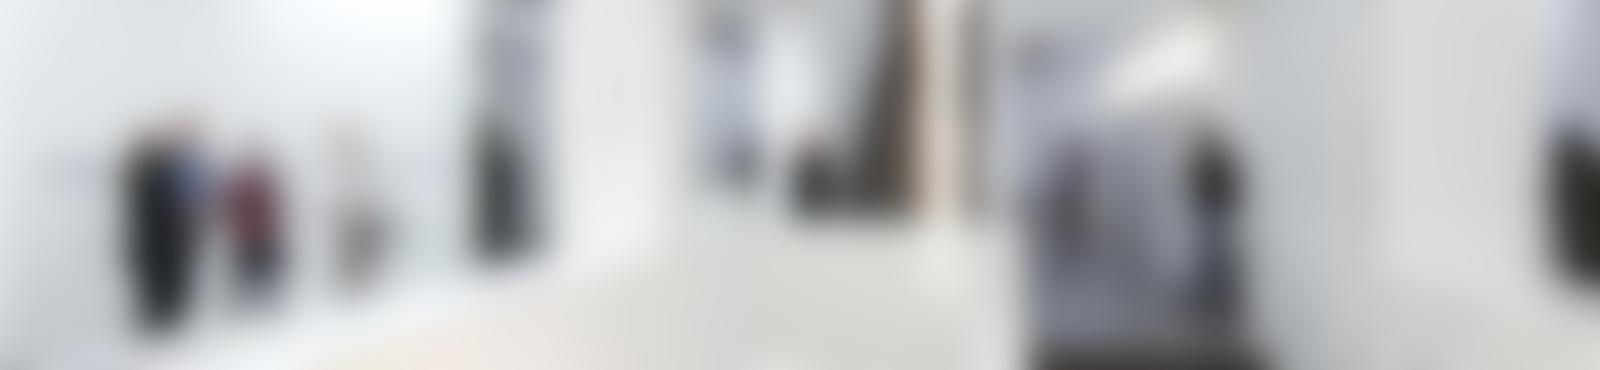 Blurred 30a49853 e8f7 4eee 82fc 4279c1c03d94